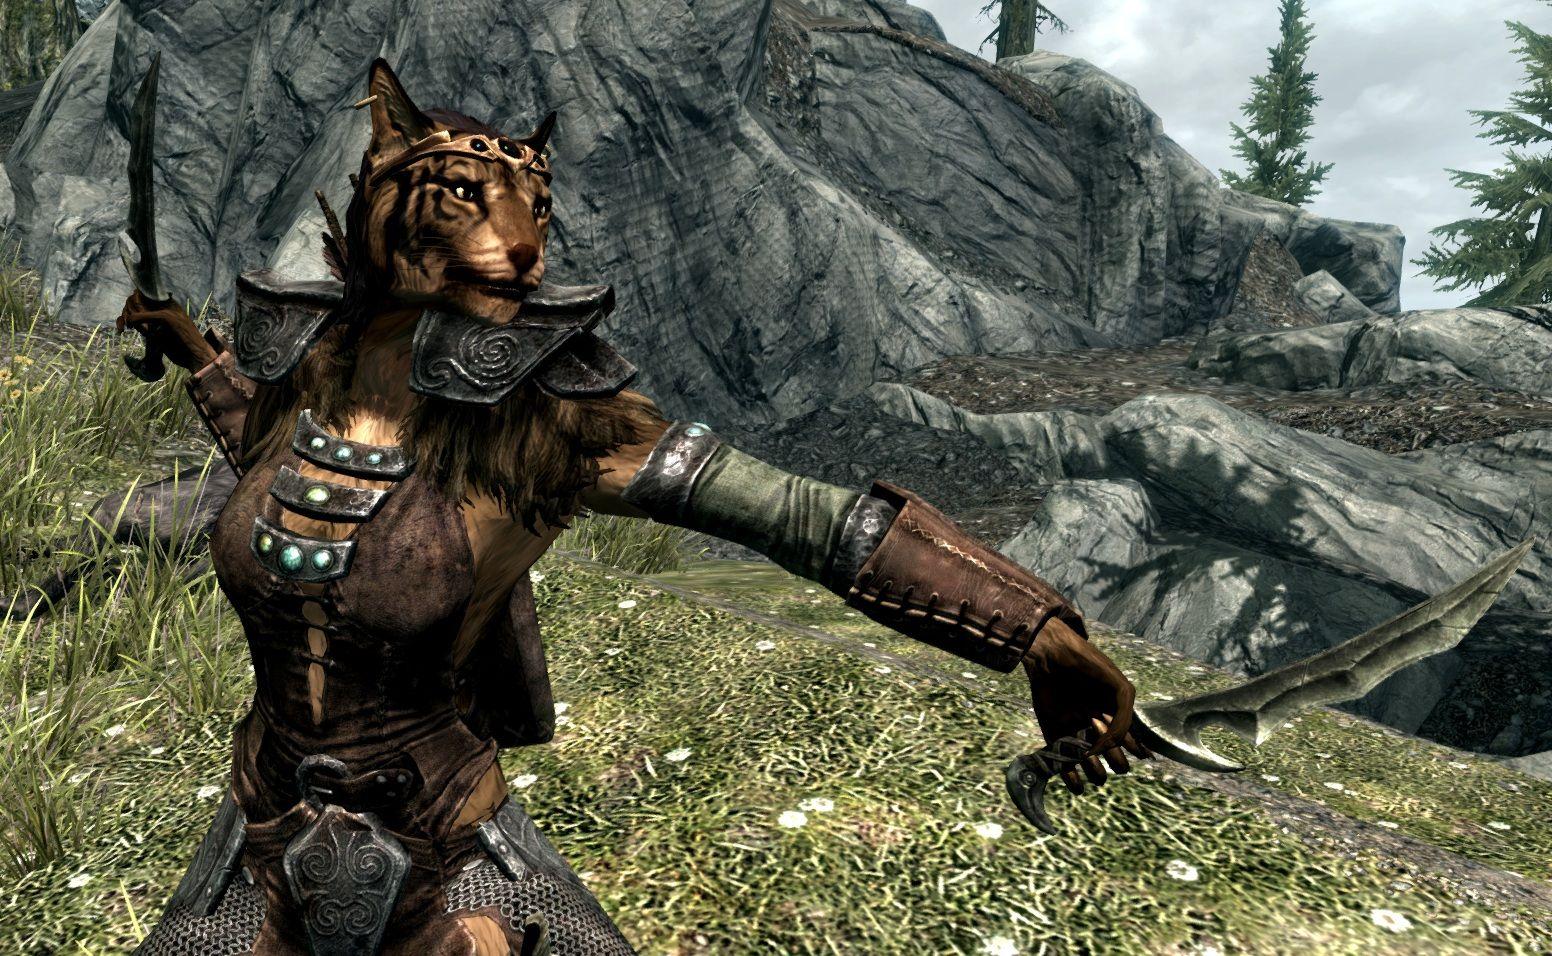 Skyrim Character Design Ideas : Female khajiit elder scrolls v skyrim gamers will